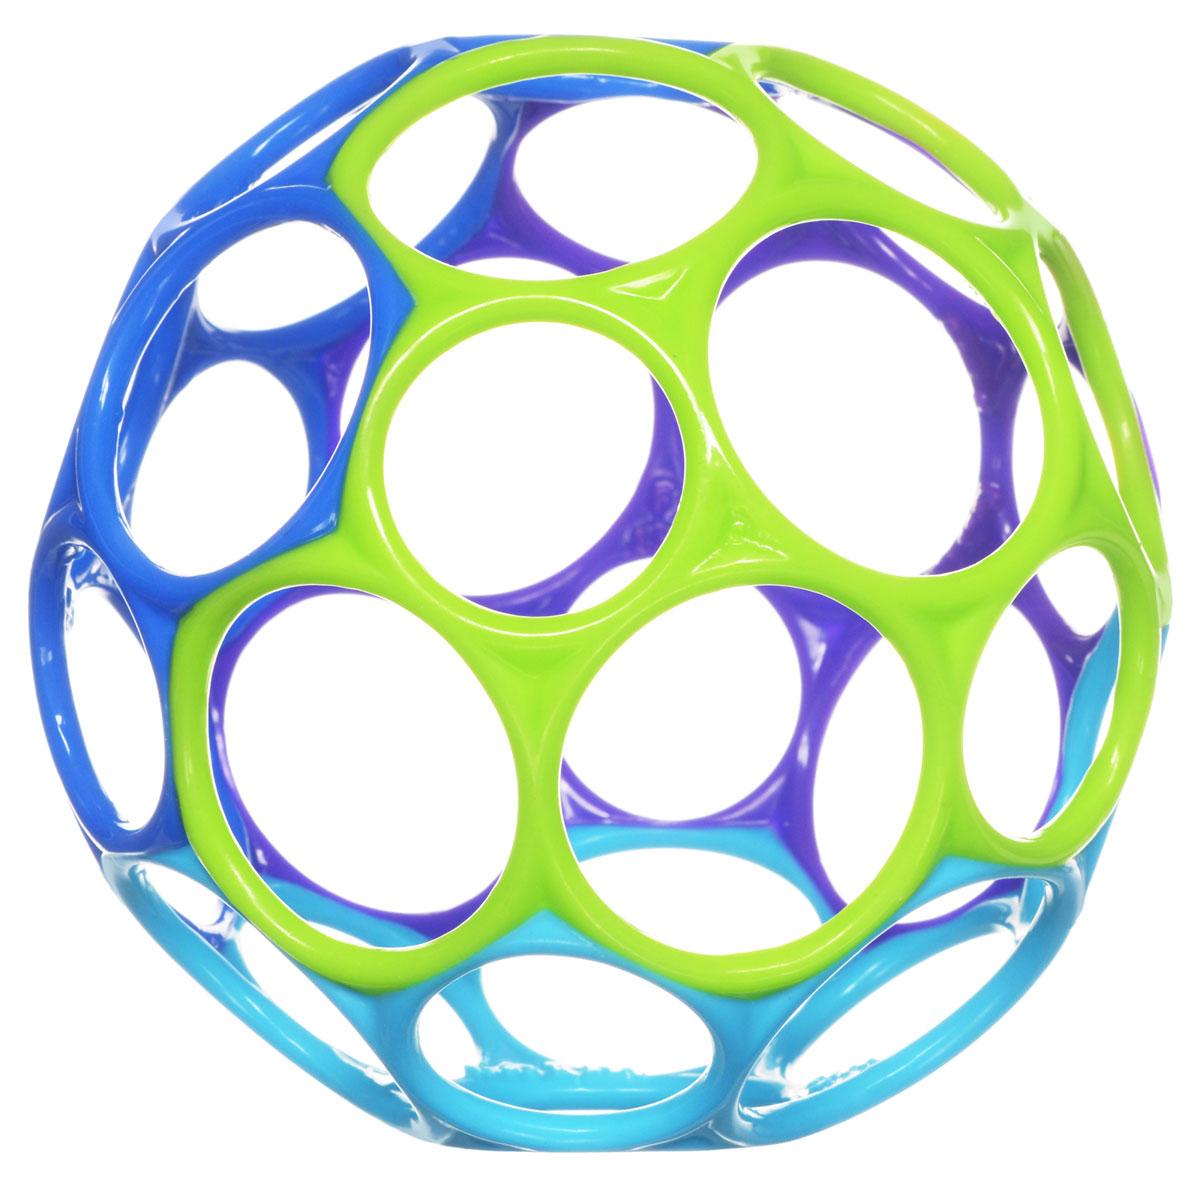 Oball Развивающая игрушка Мячик цвет фиолетовый синий голубой салатовый81024_фиолетовый, синий, голубой, салатовыйРазвивающая игрушка Oball станет для вашего ребенка любимой игрушкой. Выполнен из мягкого пластика ярких цветов. Мяч имеет 32 отверстия для пальчиков, что делает его легким и позволят даже самому маленькому крохе поднять и удерживать. Киньте мячик, и малыш с легкостью его поймает. Его можно растягивать и сжимать, тренируя ручки ребенка и развивая мелкую моторику. Оригинальность материала и формы создают новый необычный инструмент для развития малыша, а положительные эмоции только усилят эффект.